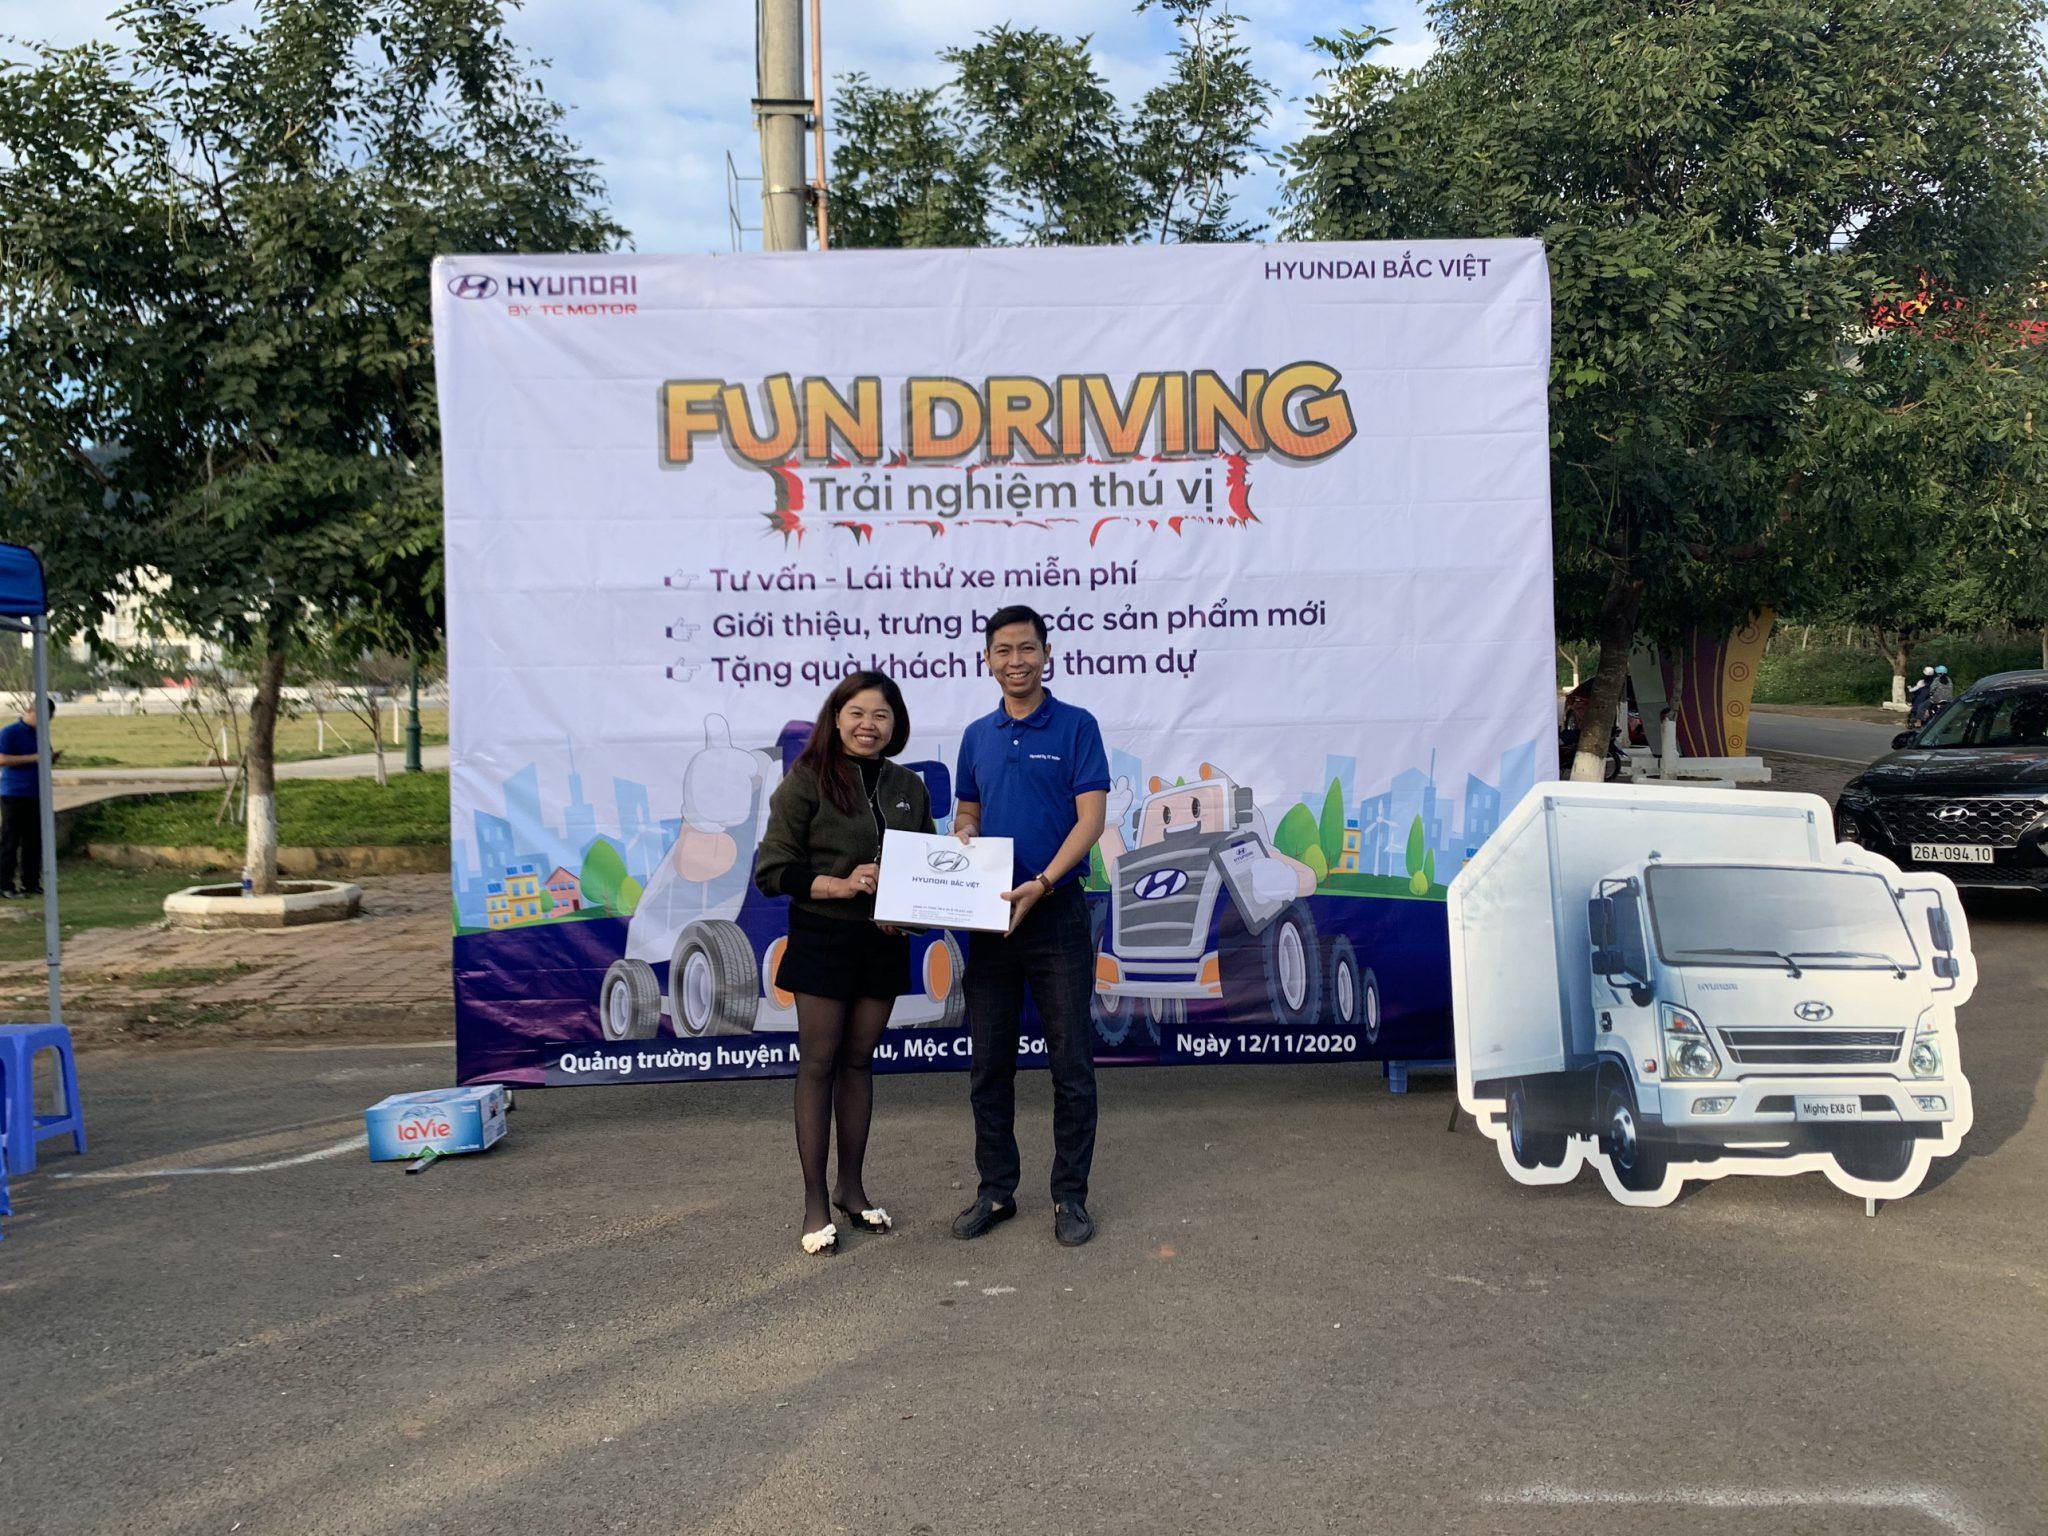 Hyundai Bắc Việt tặng quà khách hàng